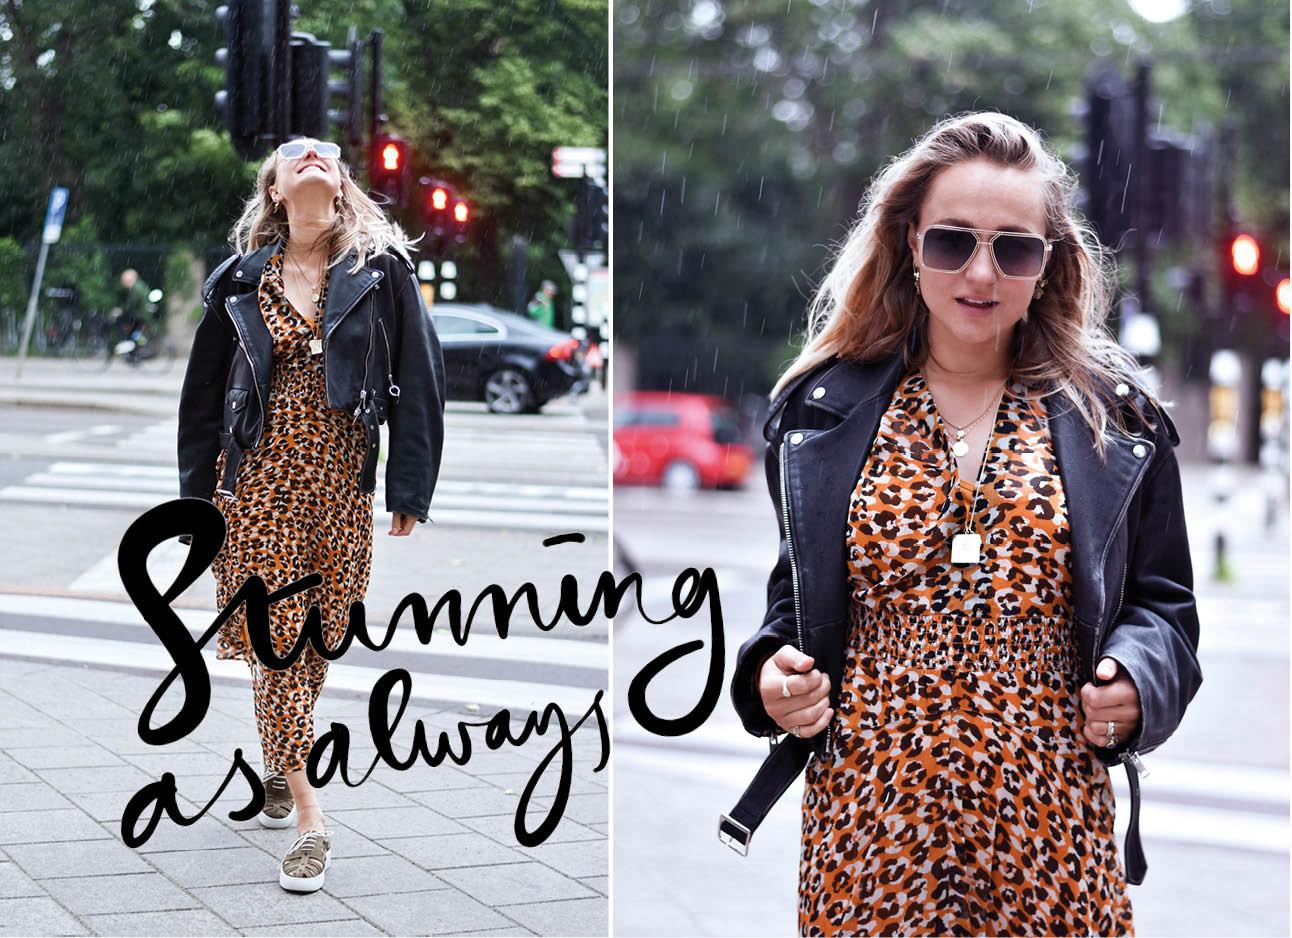 Carolien Spoor in de regen met een zonnebril op en leer jasje aan lange jurk in het park